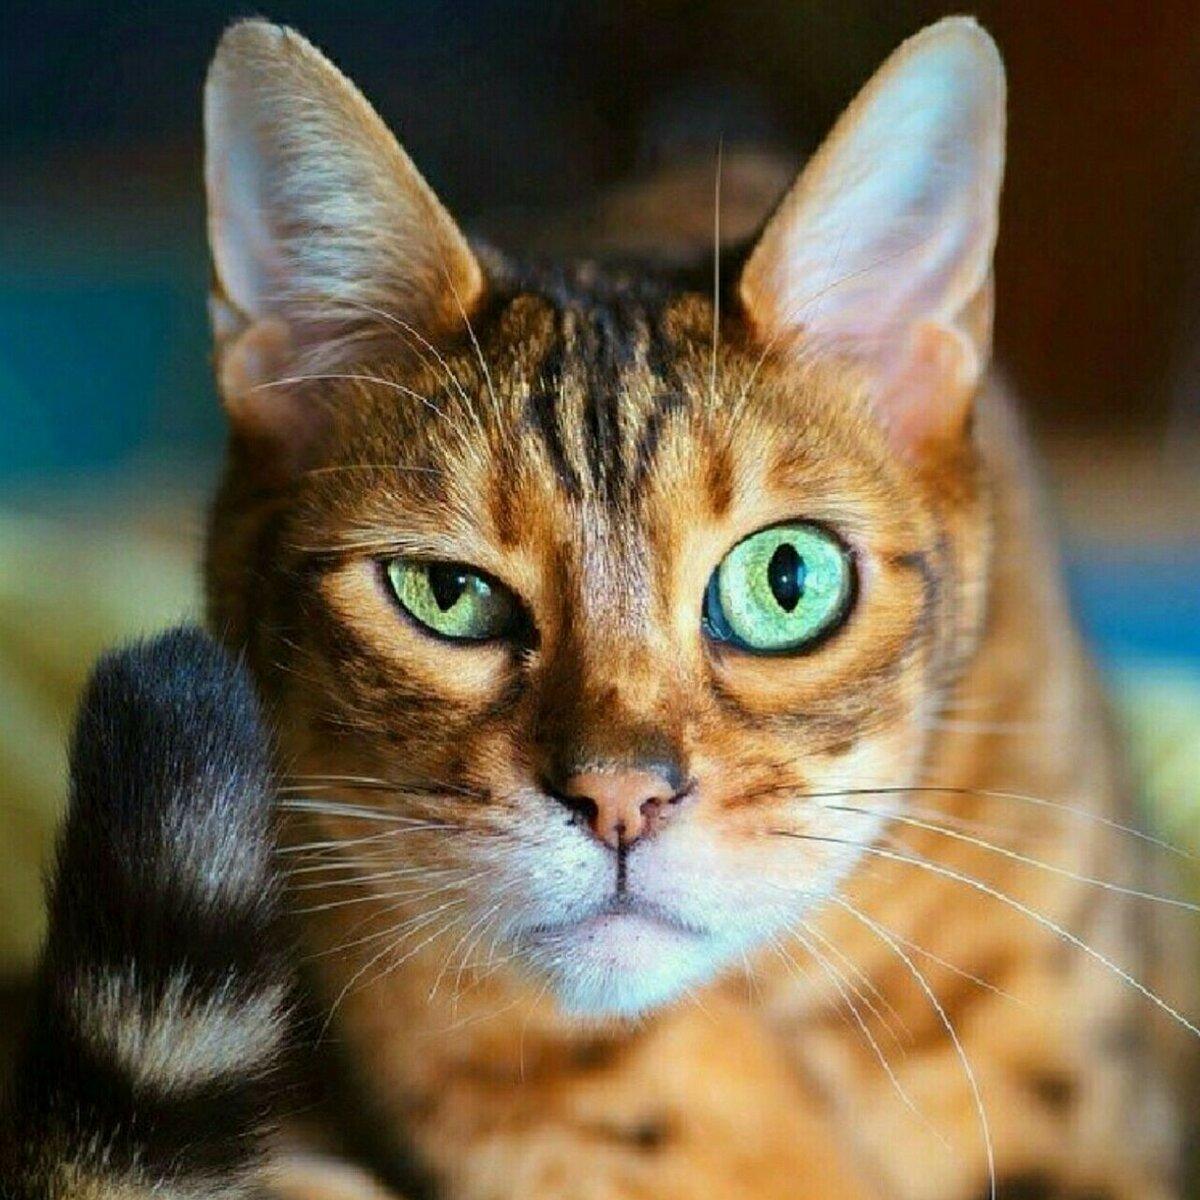 фото смешное выражение животных высказываний сможете